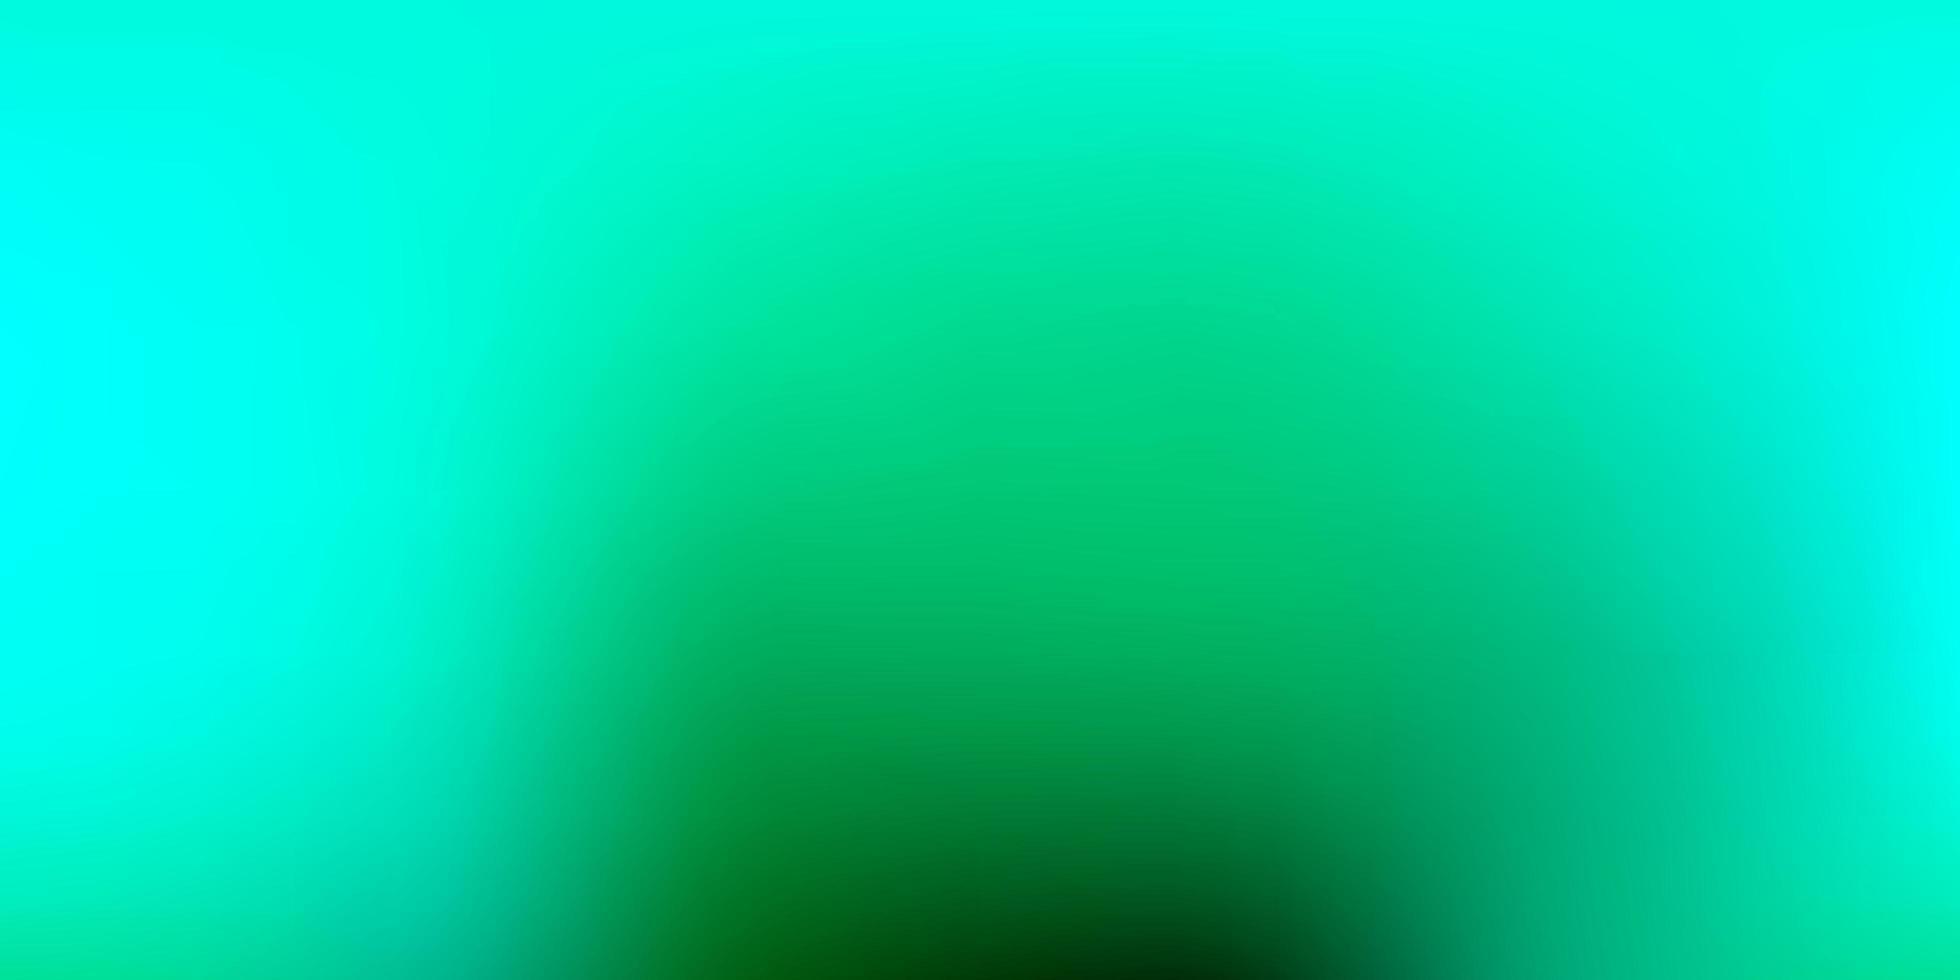 Light Green vector gradient blur template.